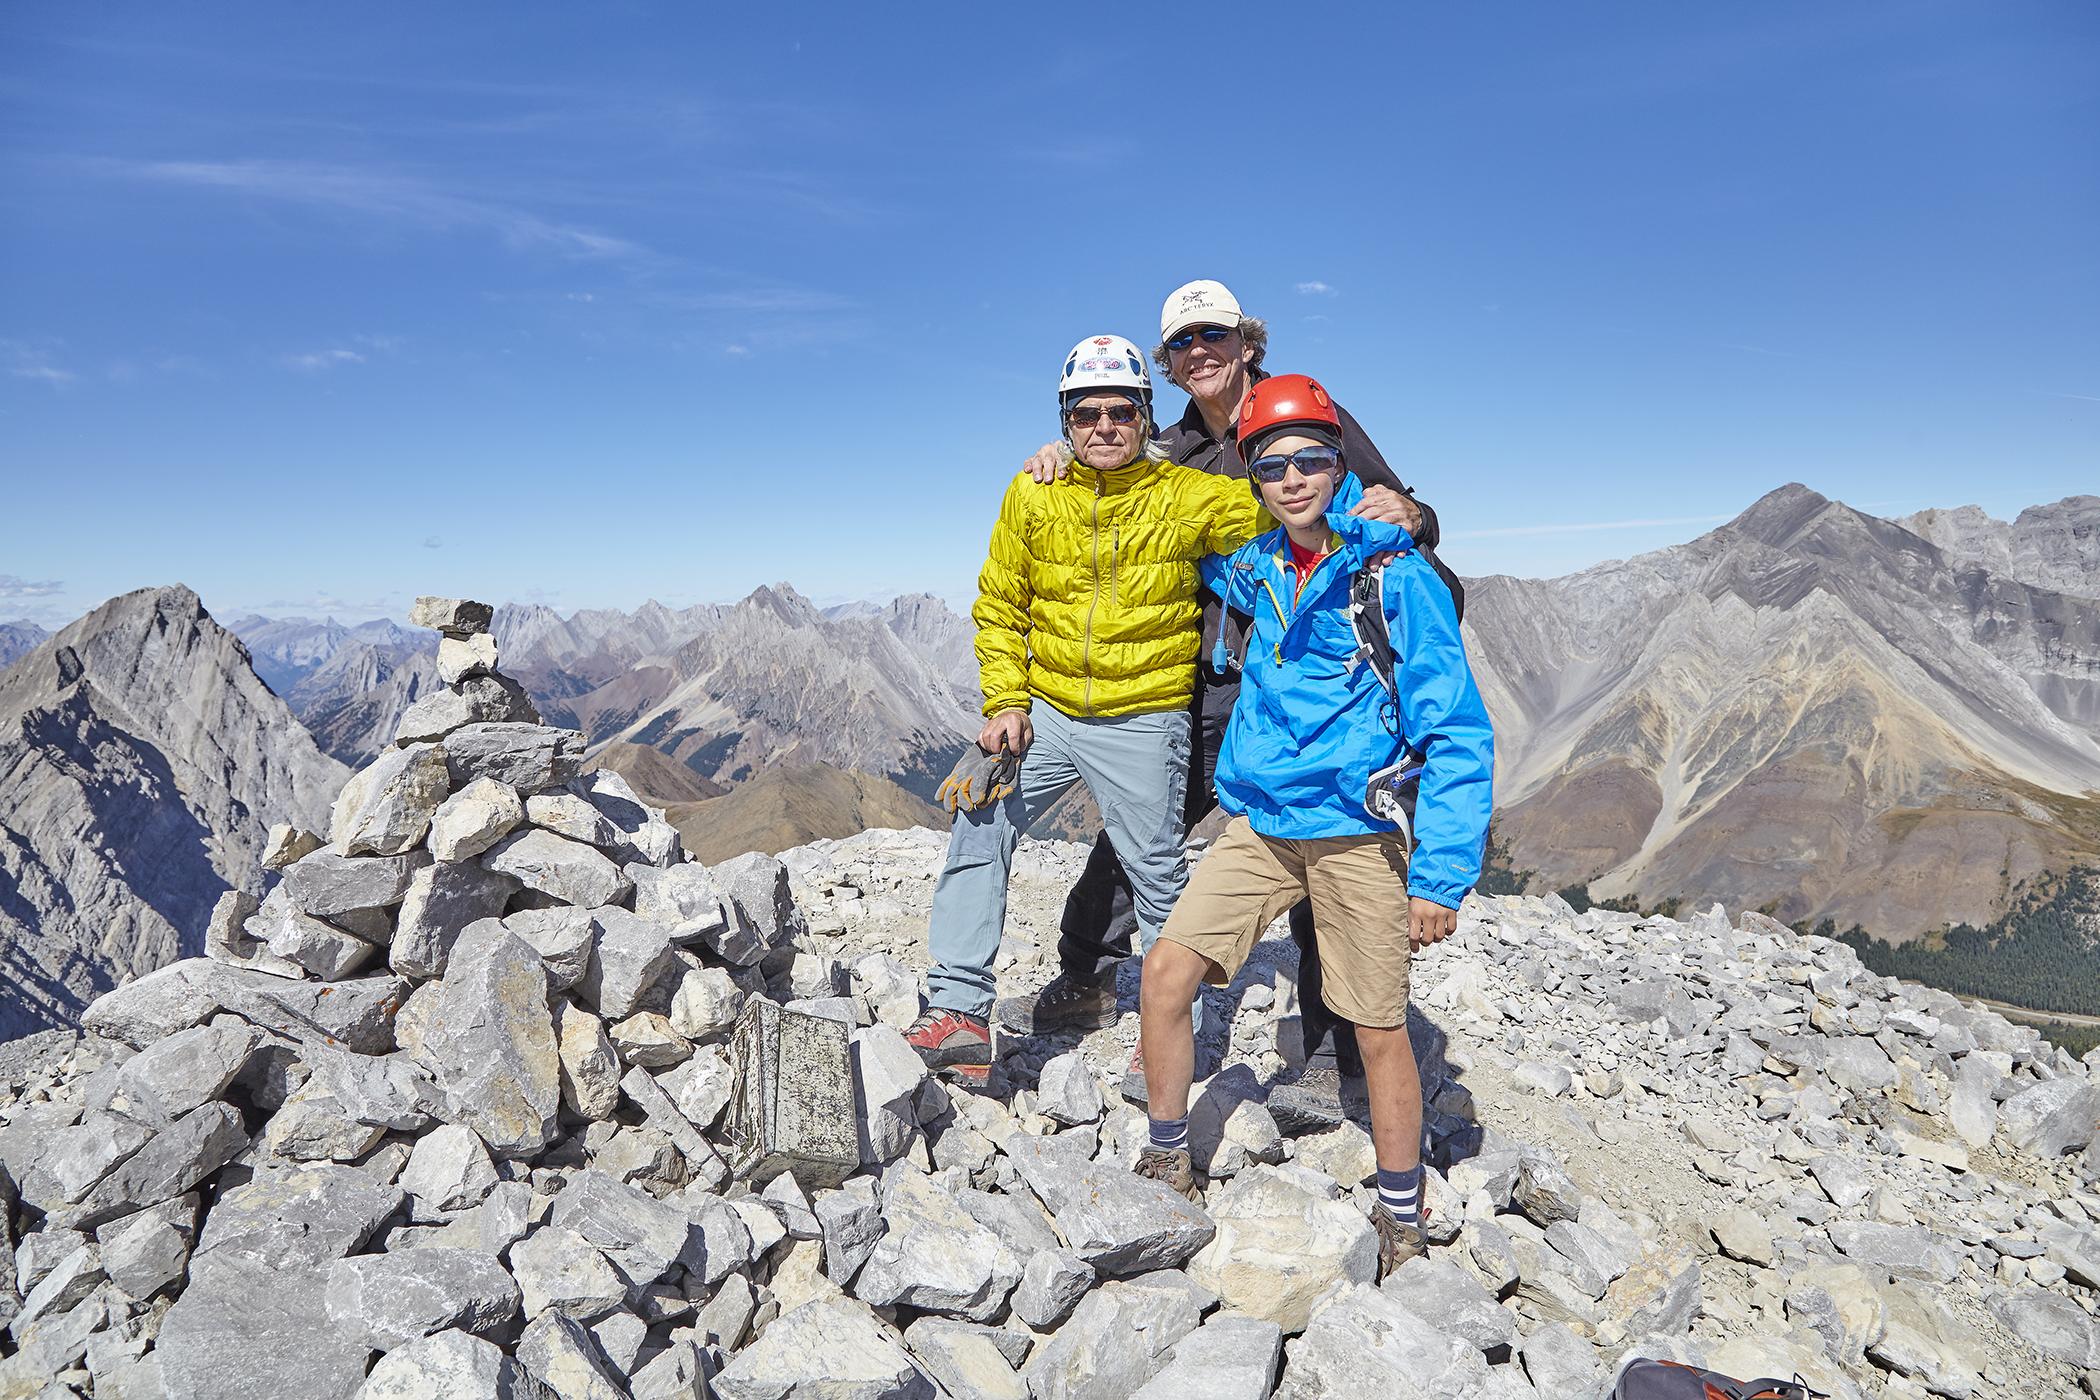 Milan, Wayne, and Yuri on the summit.